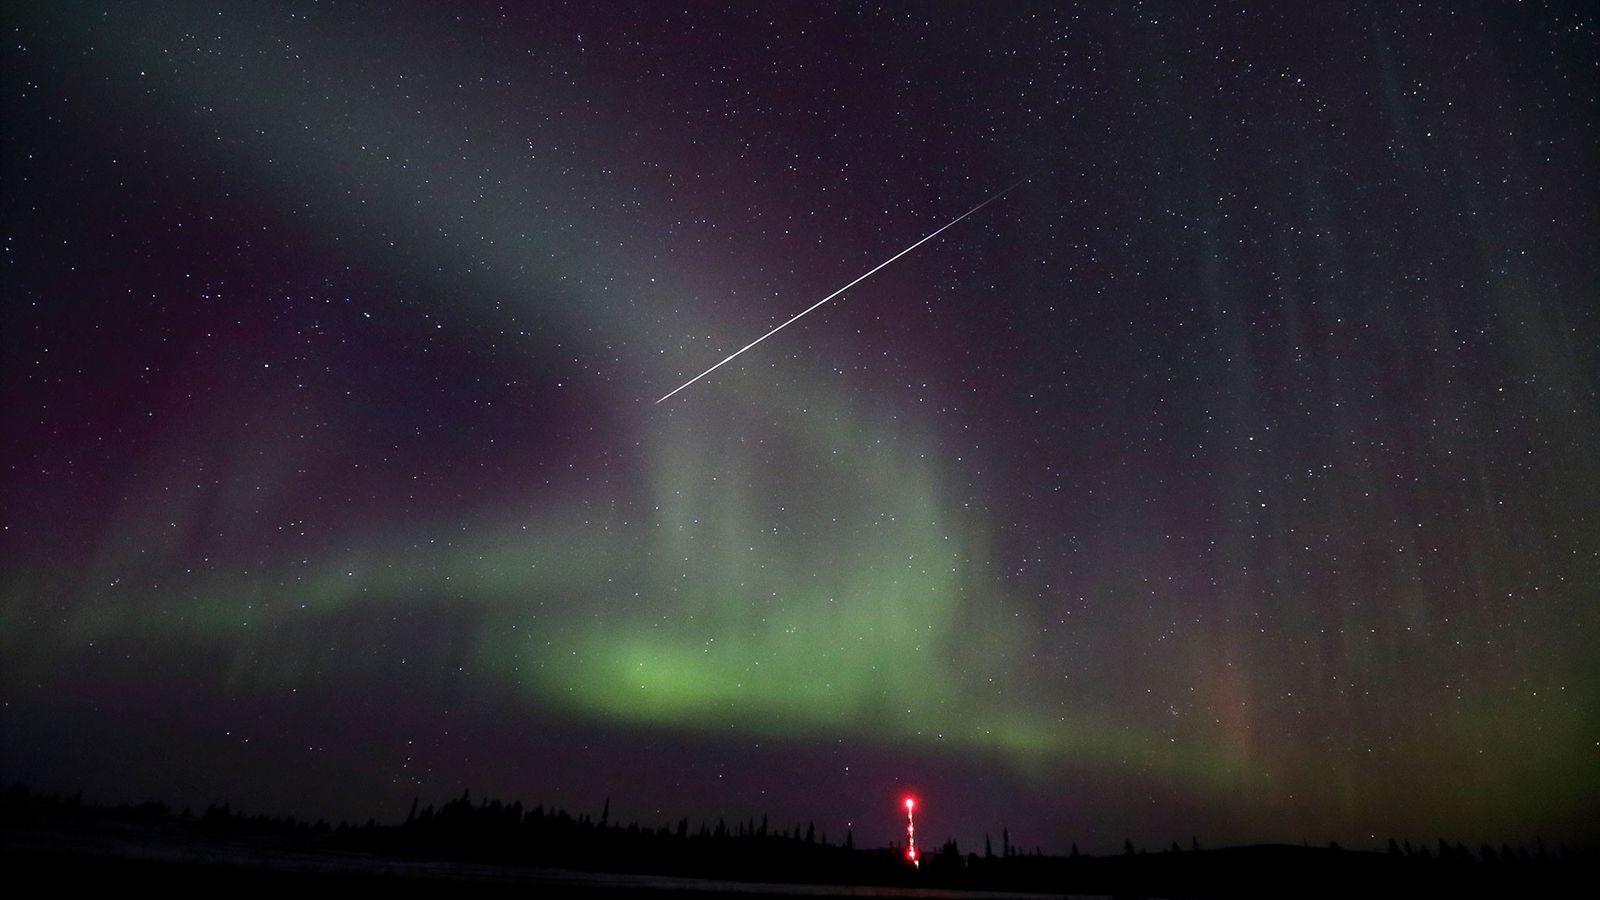 Una estrella fugaz pasa por las auroras del cielo nocturno de noviembre.